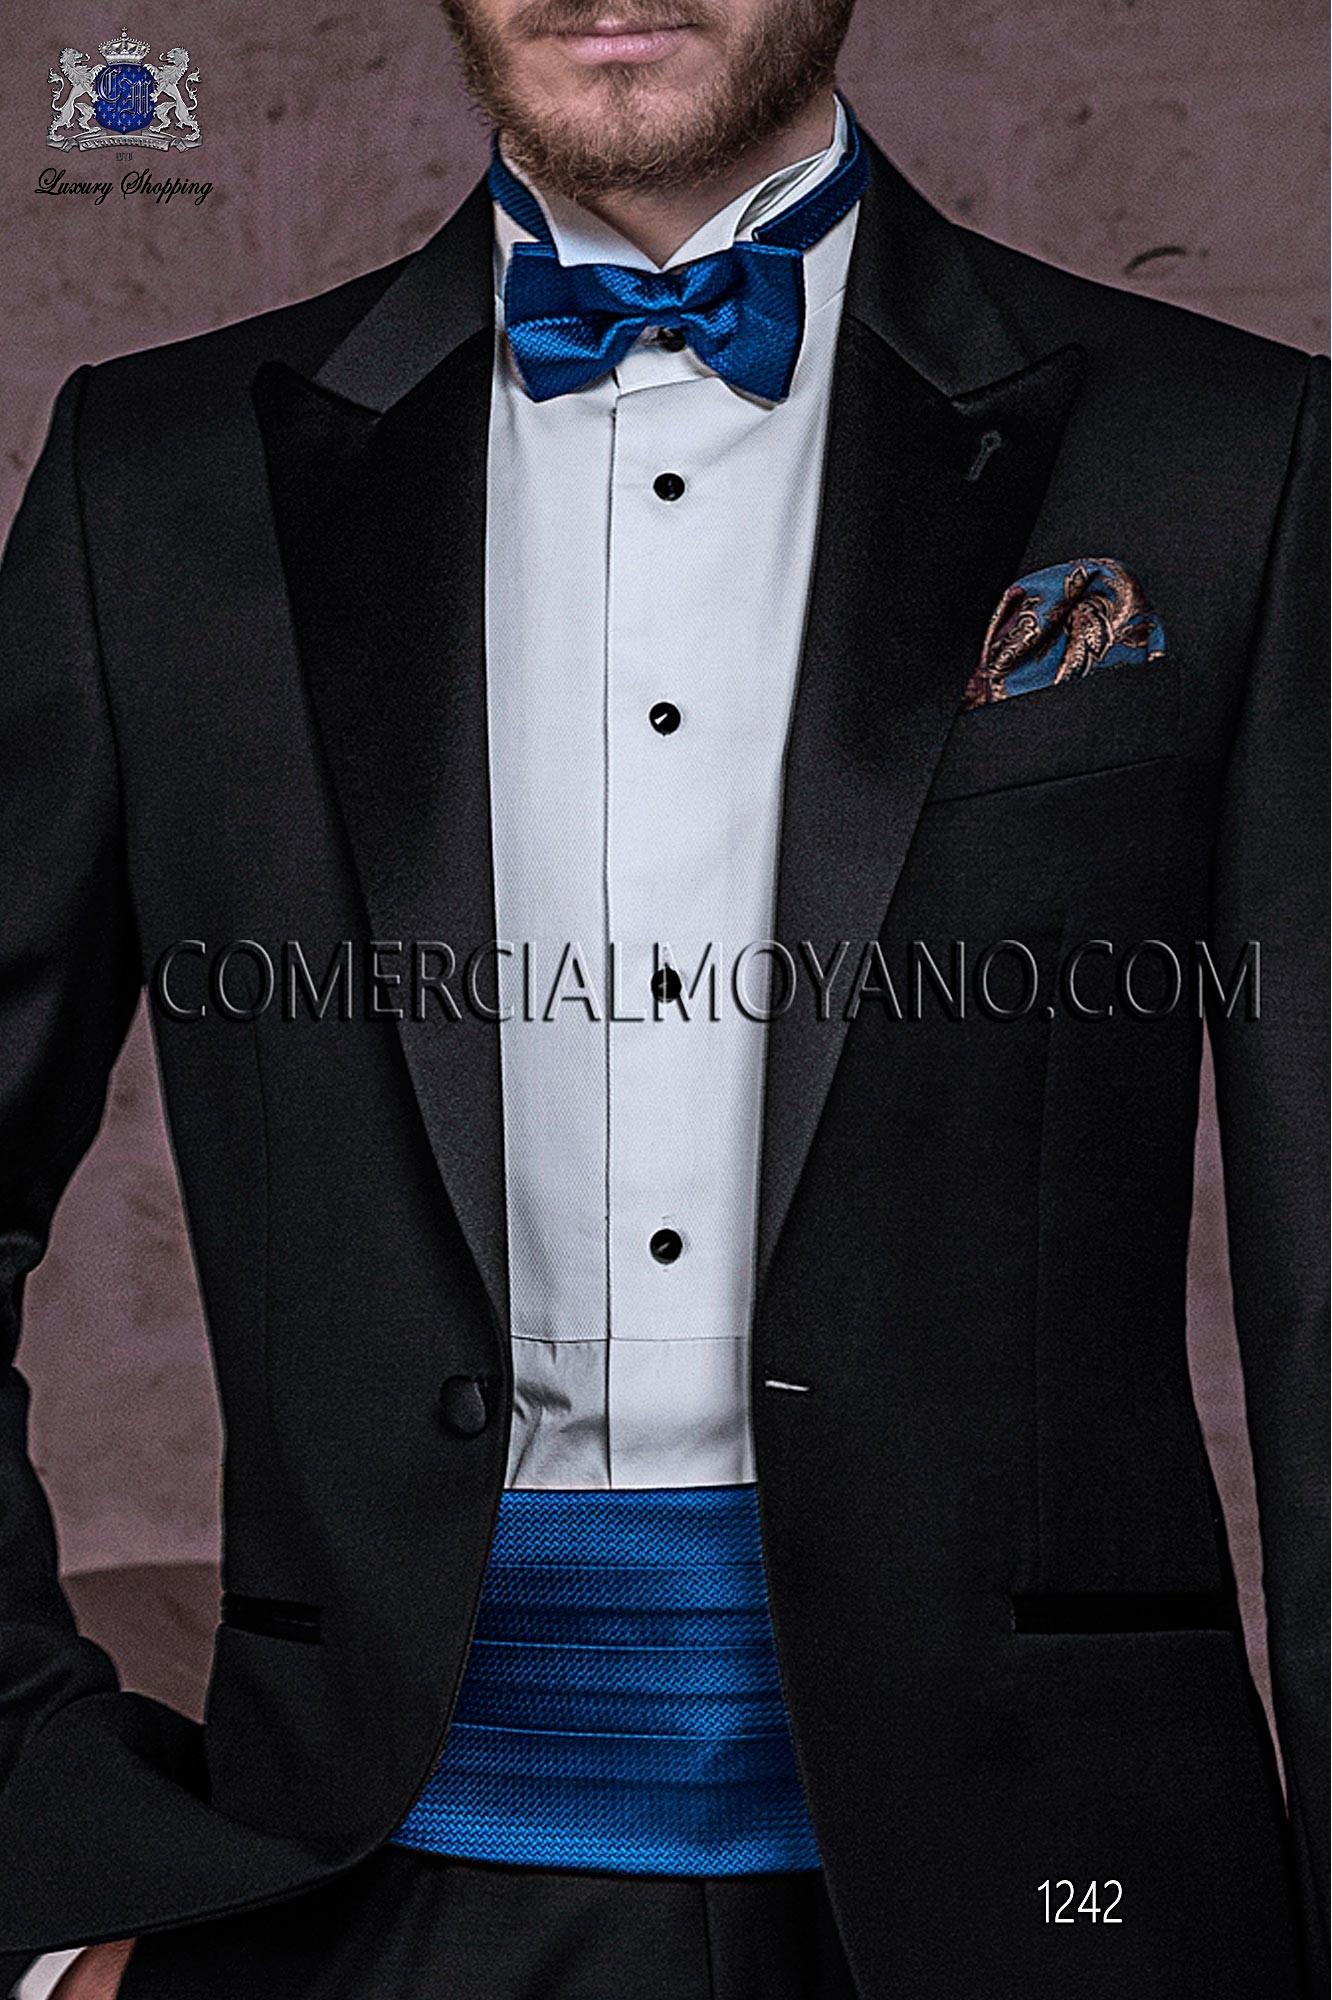 Traje BlackTie de novio negro modelo: 1242 Ottavio Nuccio Gala colección Black Tie 2017